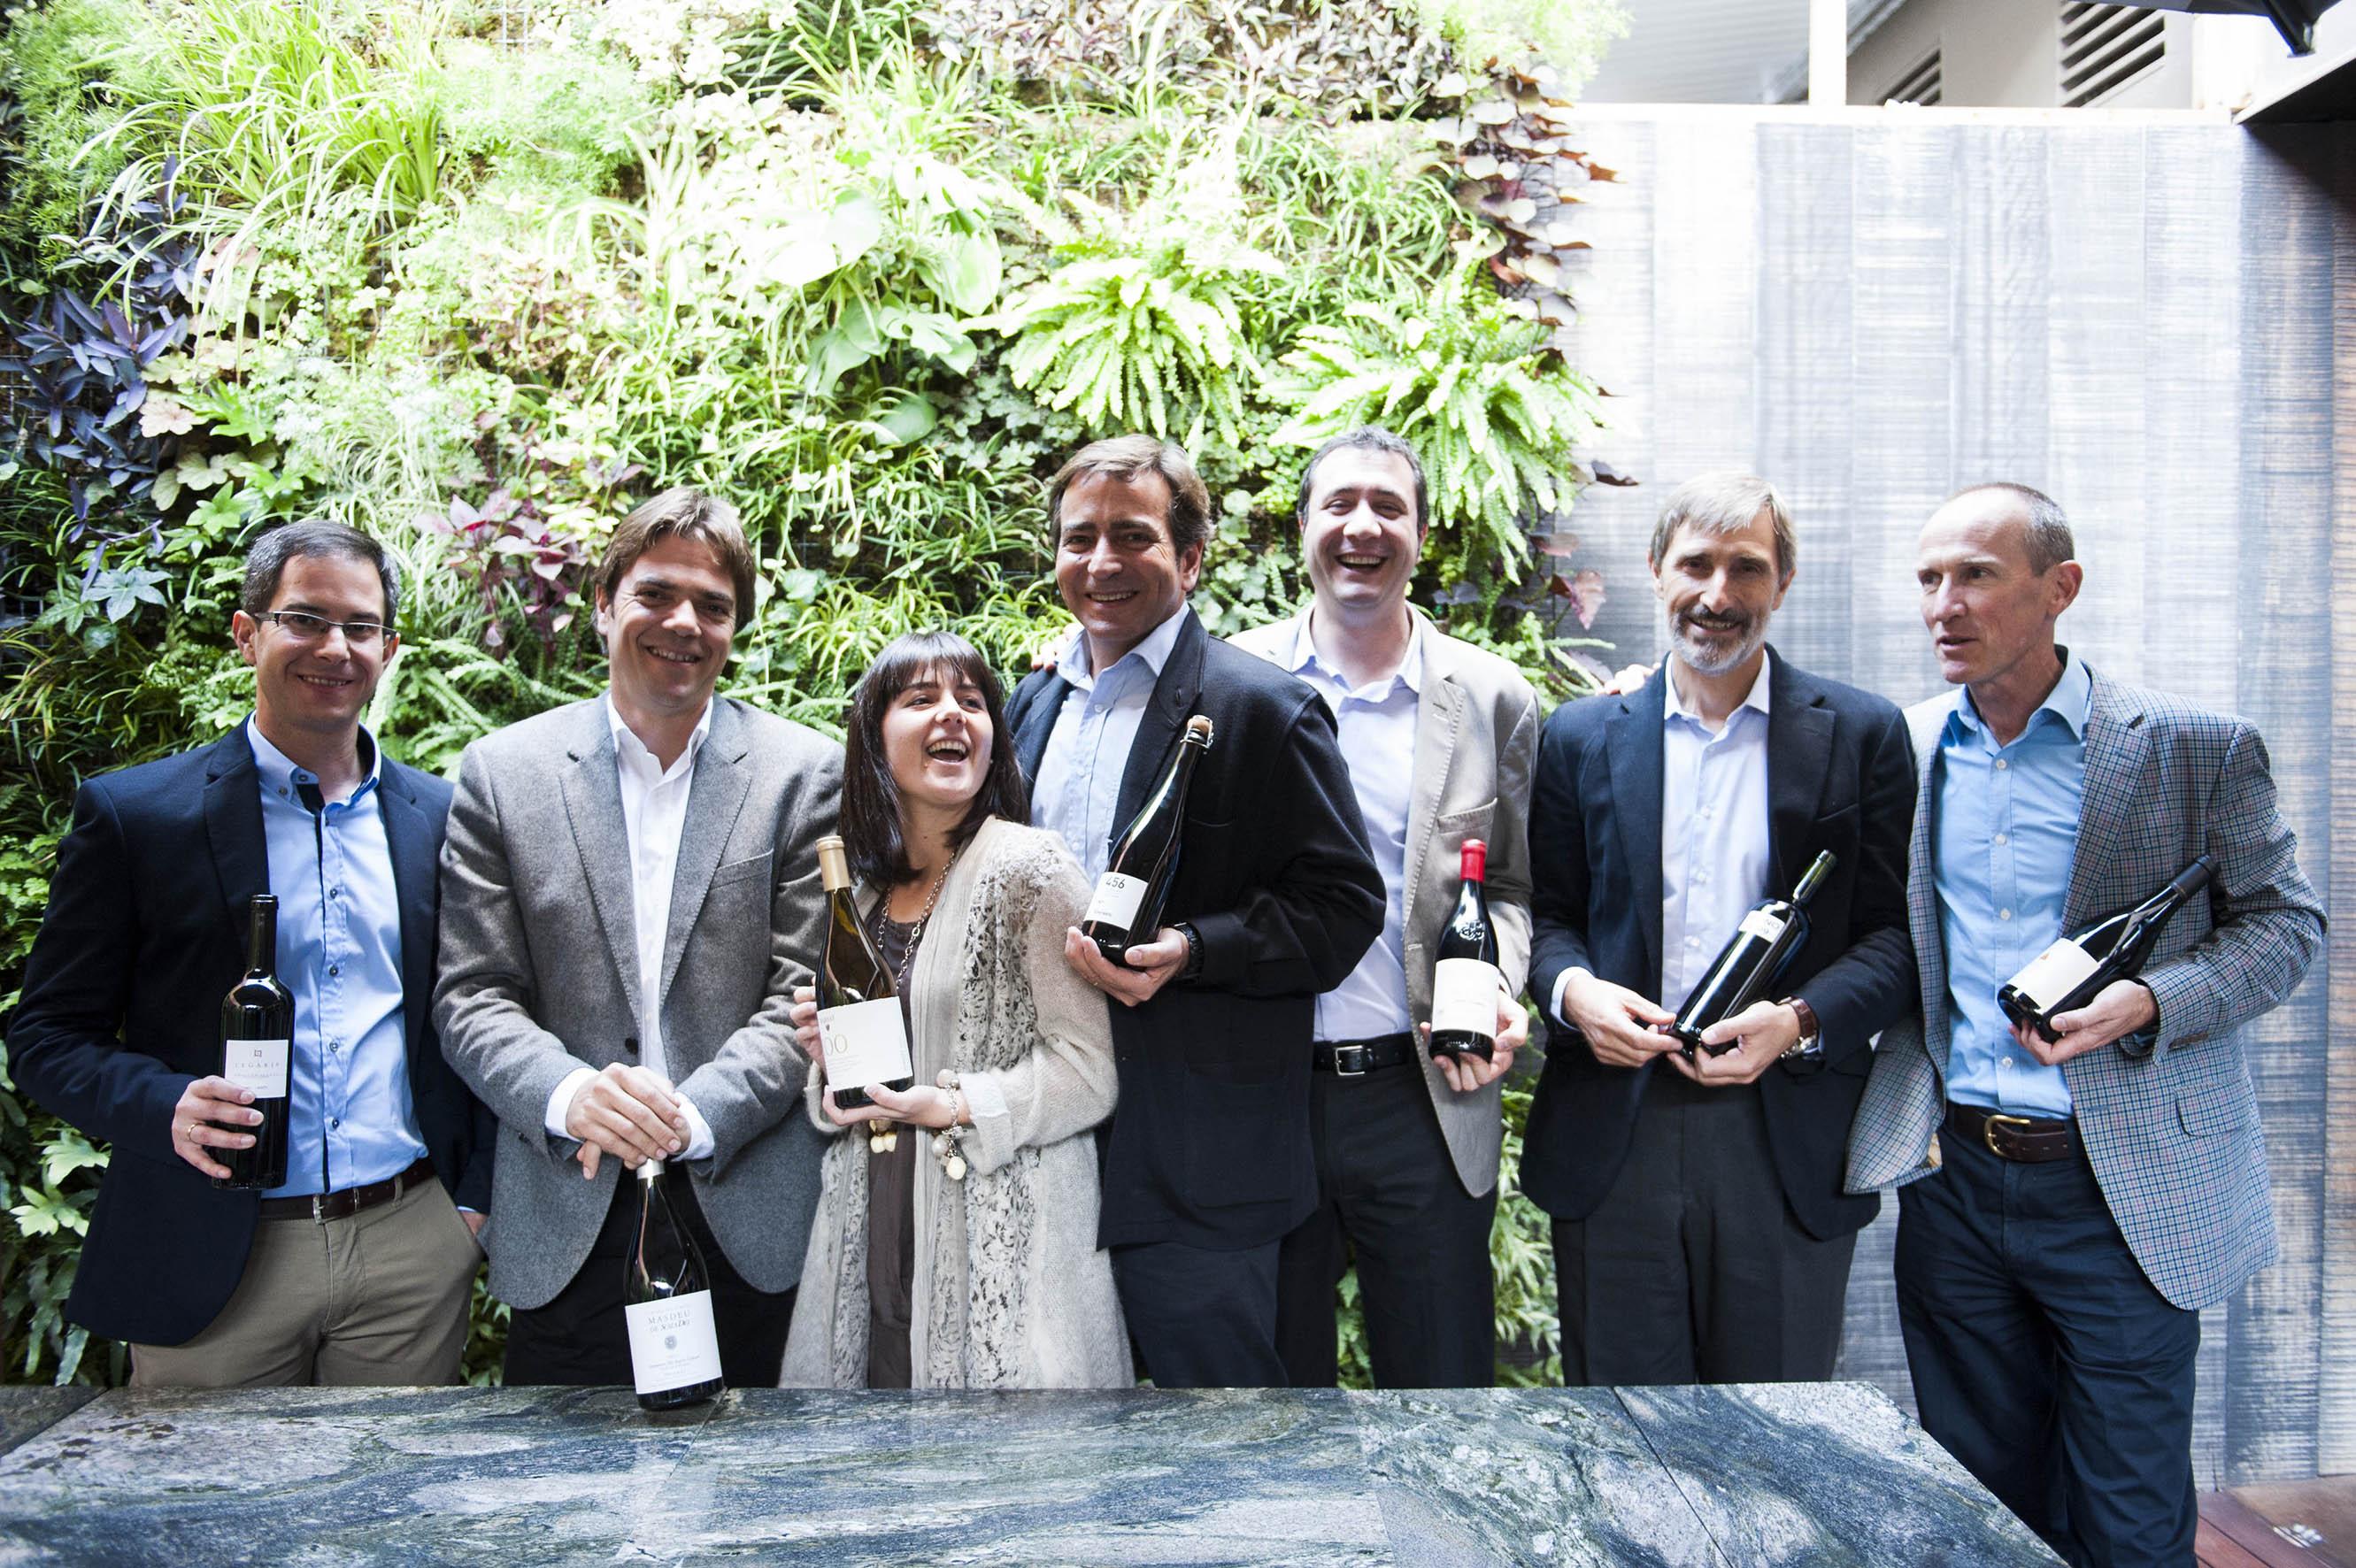 Los enólogos artífices de los vinos españoles junto a Pagés y O`Connor, segundo y primero por la derecha.